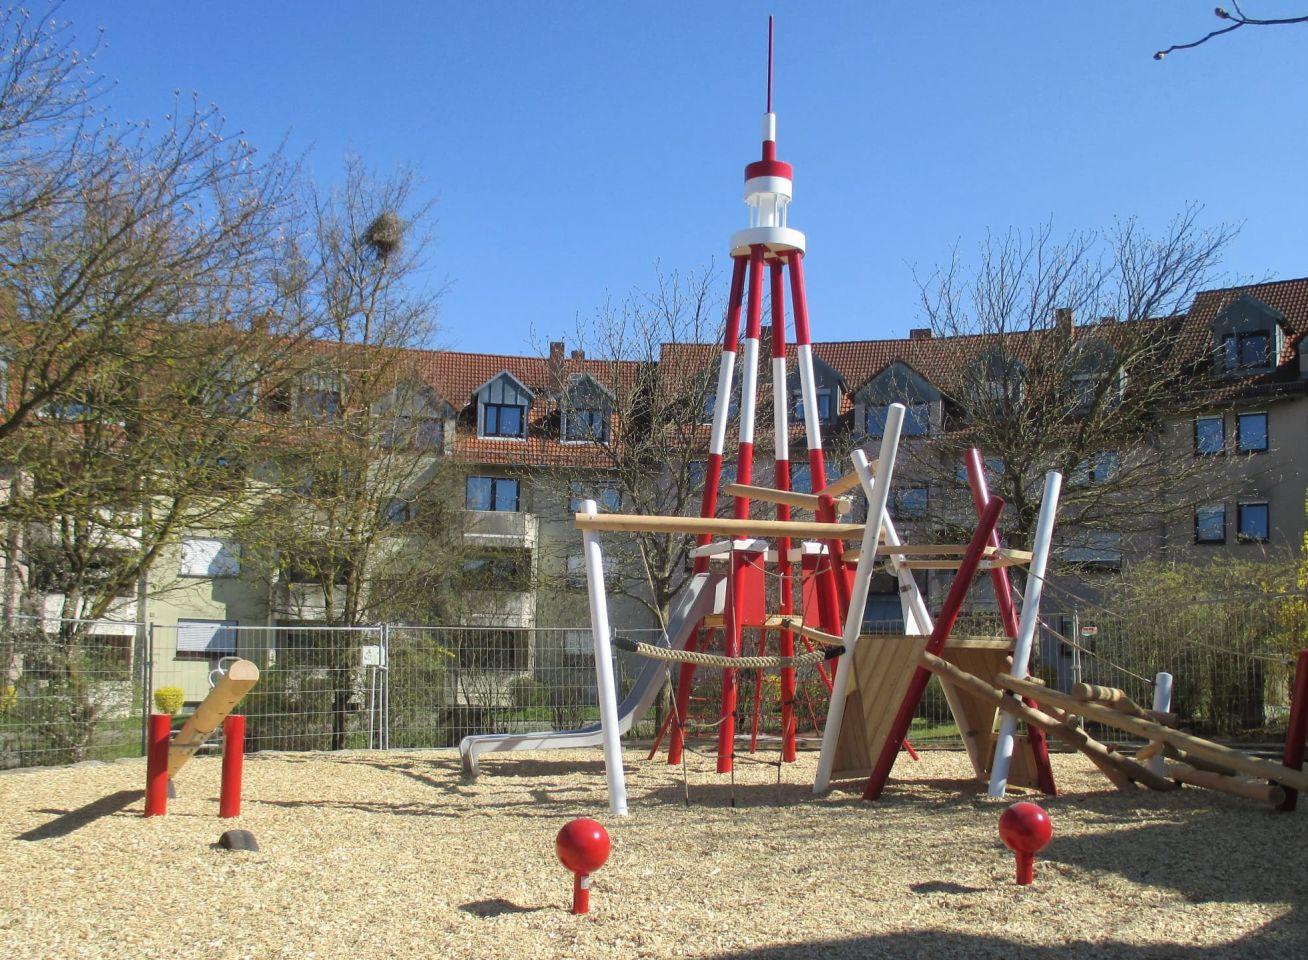 """Ein """"Tokyo Tower"""" für den Heuchelhof: Gartenamt gestaltet die Spielplätze Tokio- und Otsustraße um"""